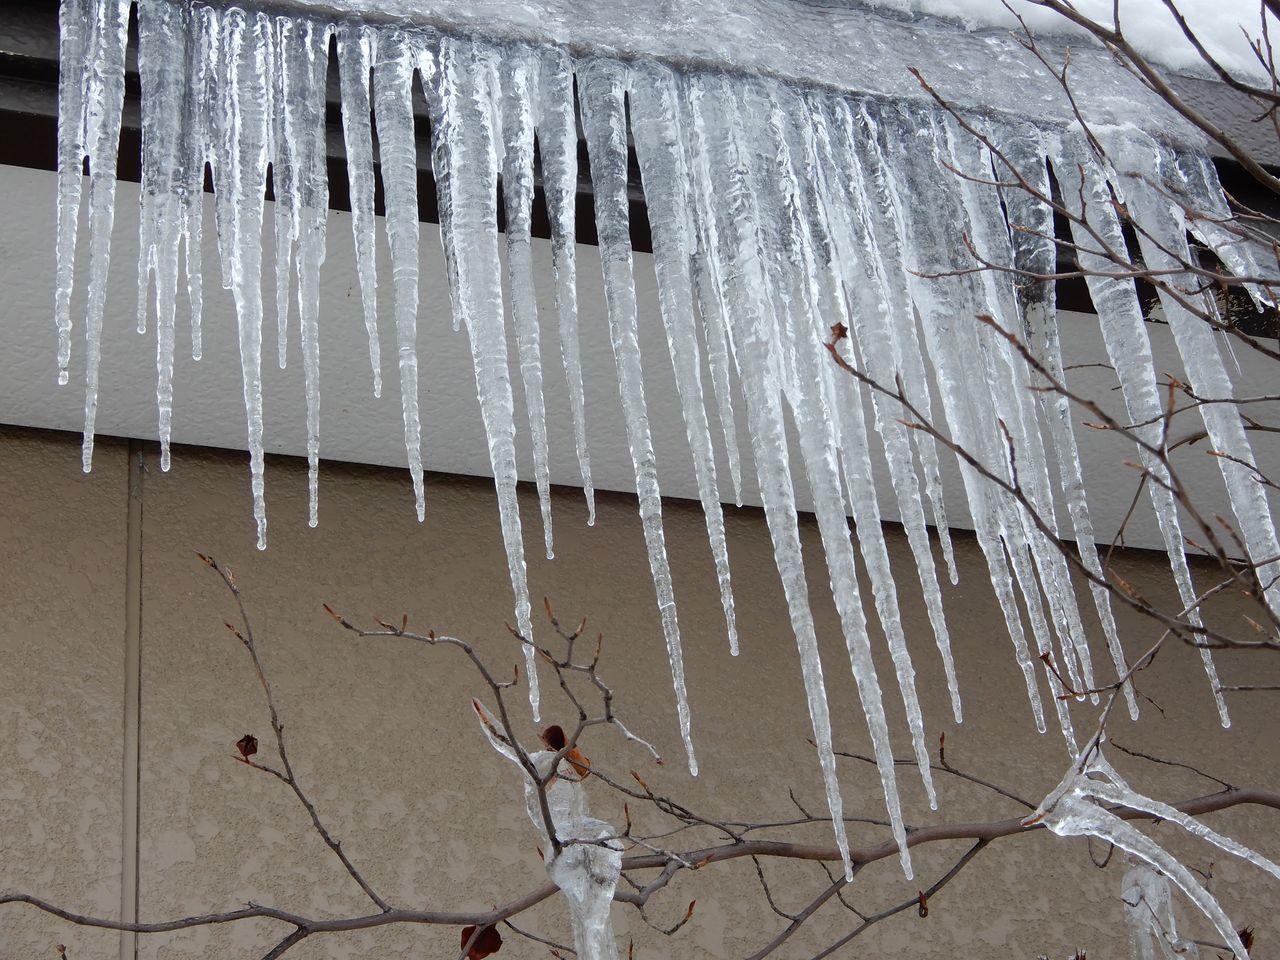 昨日の昼から降った雪は30センチほど積りました_c0025115_20580919.jpg